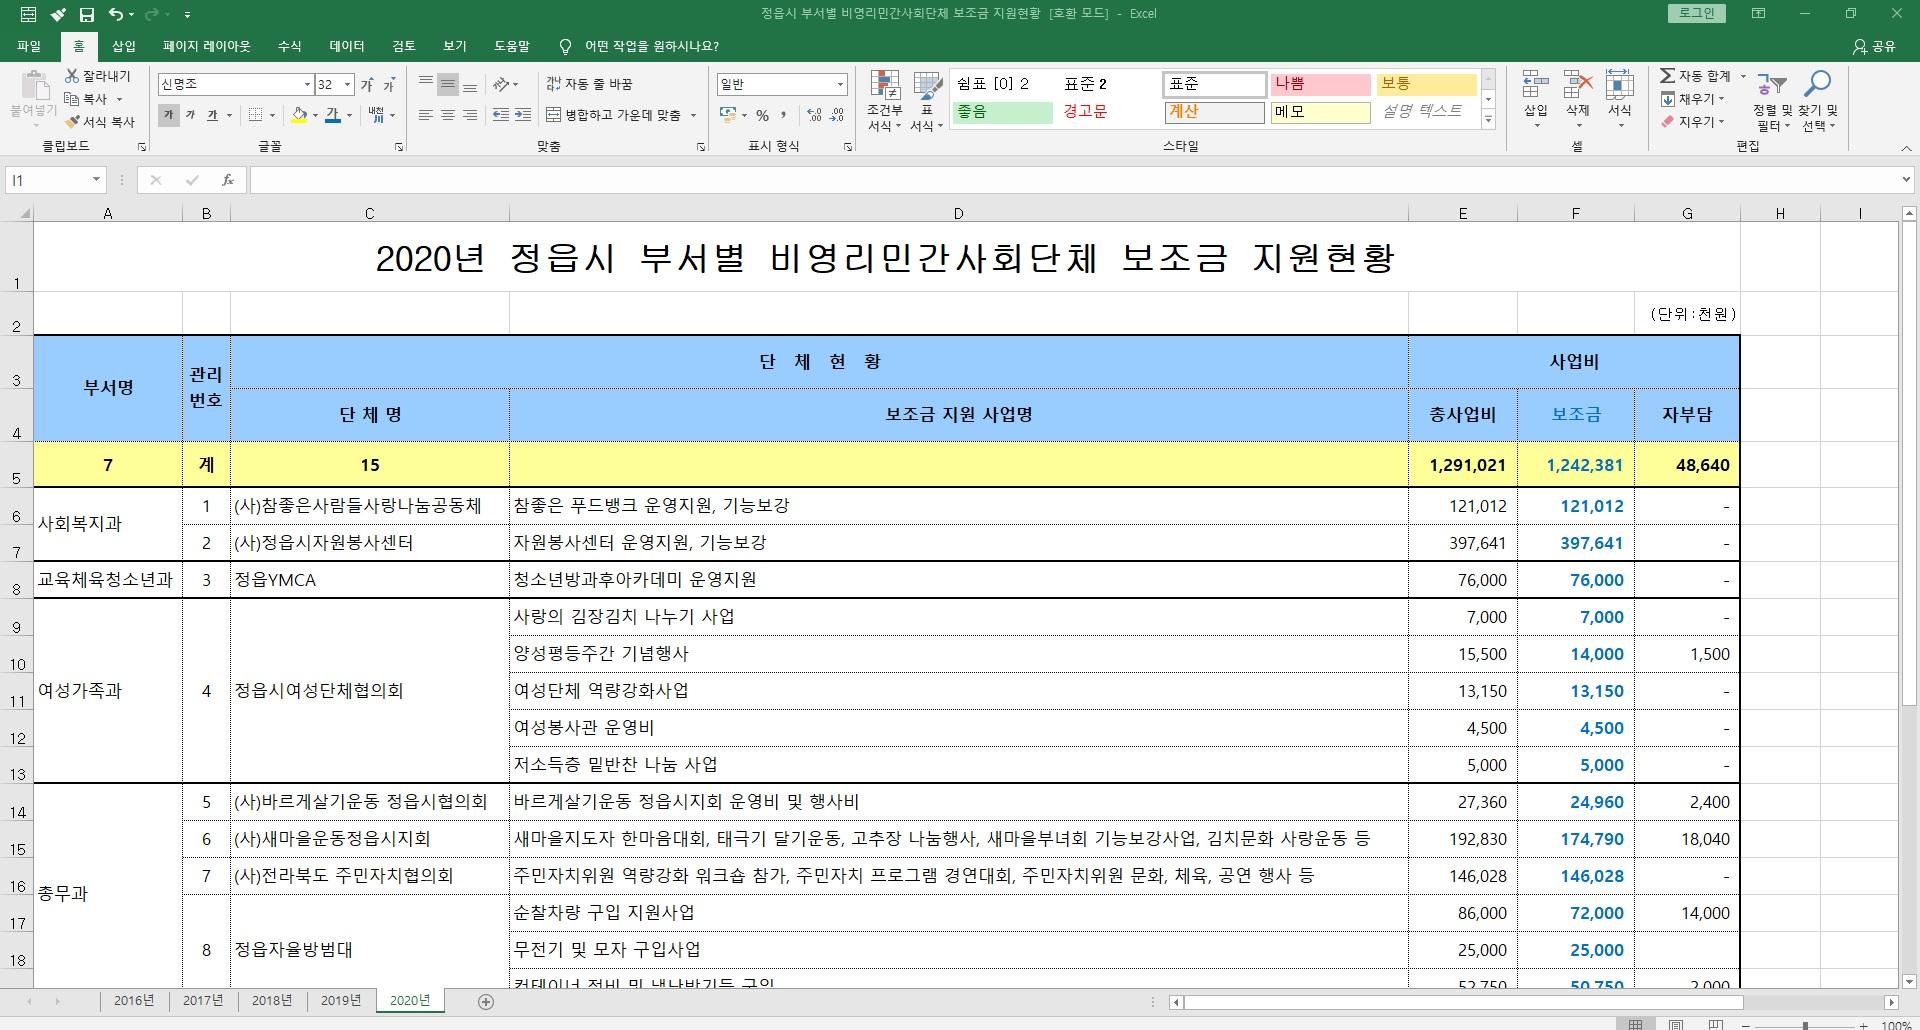 8.28_20.8.11_정읍시 부서별 비영리민간사회단체 보조금 지원현황.jpg